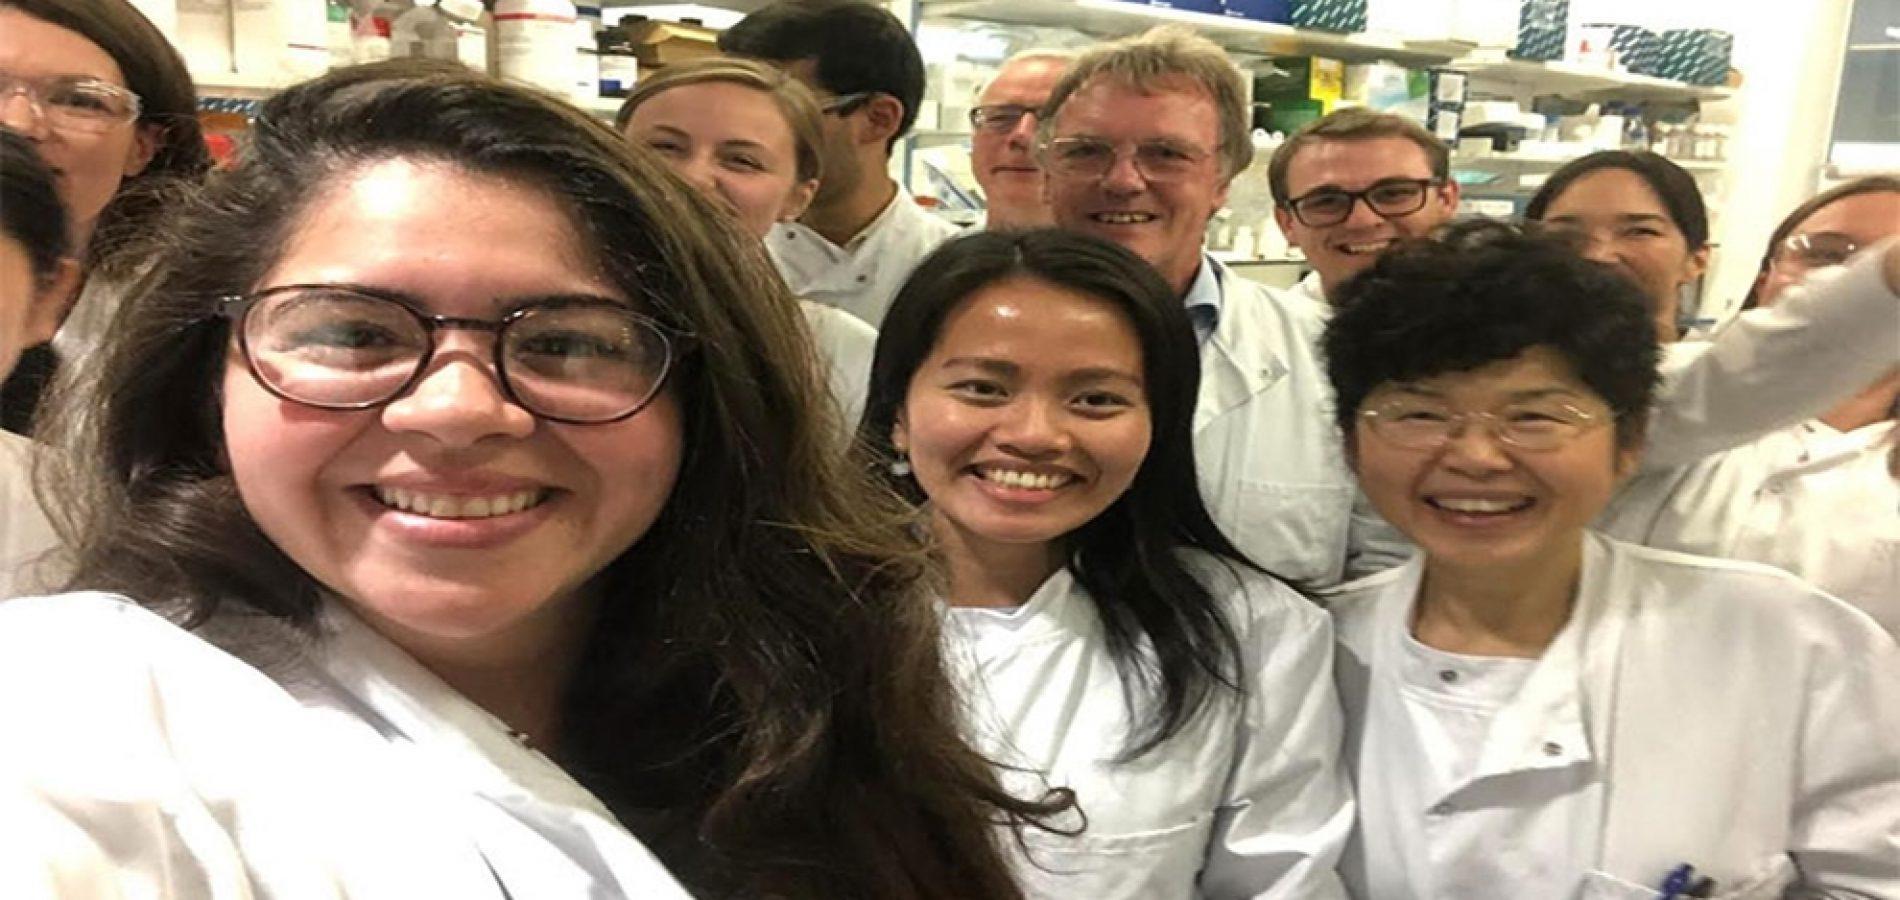 Piauiense que integra equipe do Prêmio Nobel vai continuar pesquisa sobre o câncer